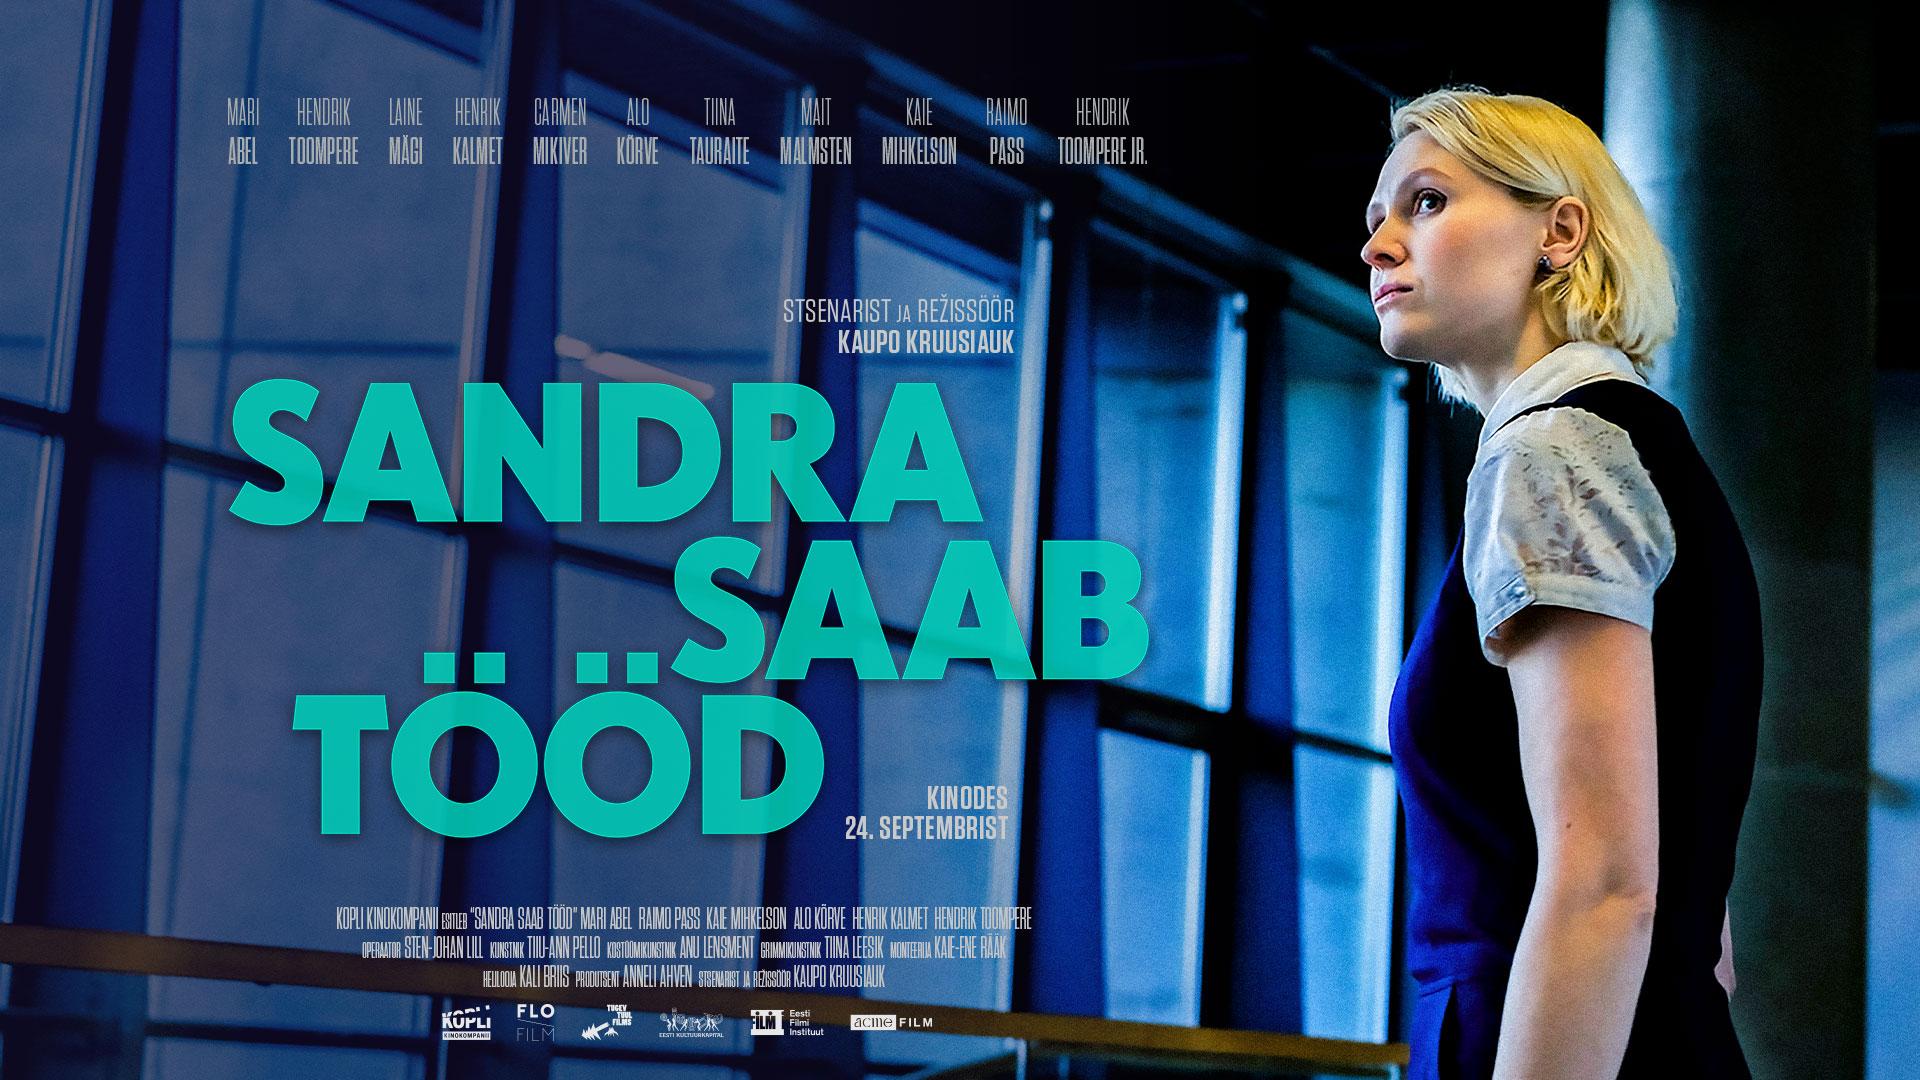 Sandra saab tööd pilt